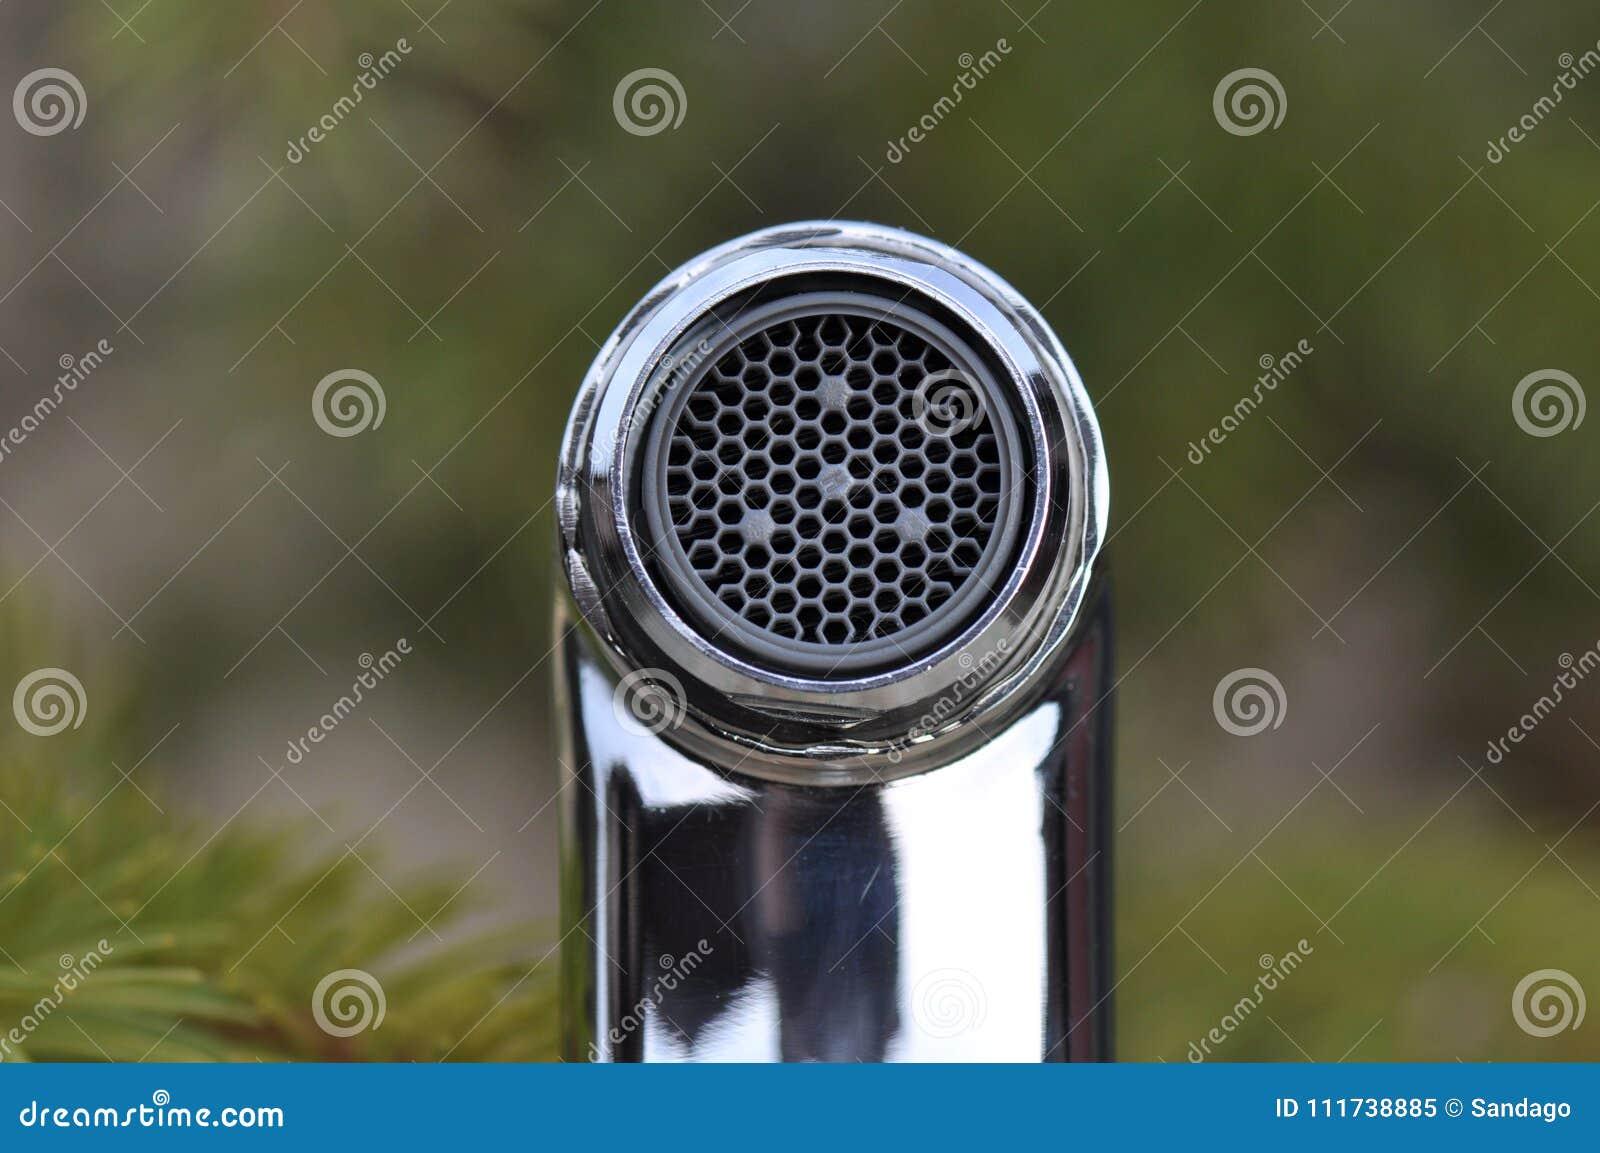 Chrome faucet detail